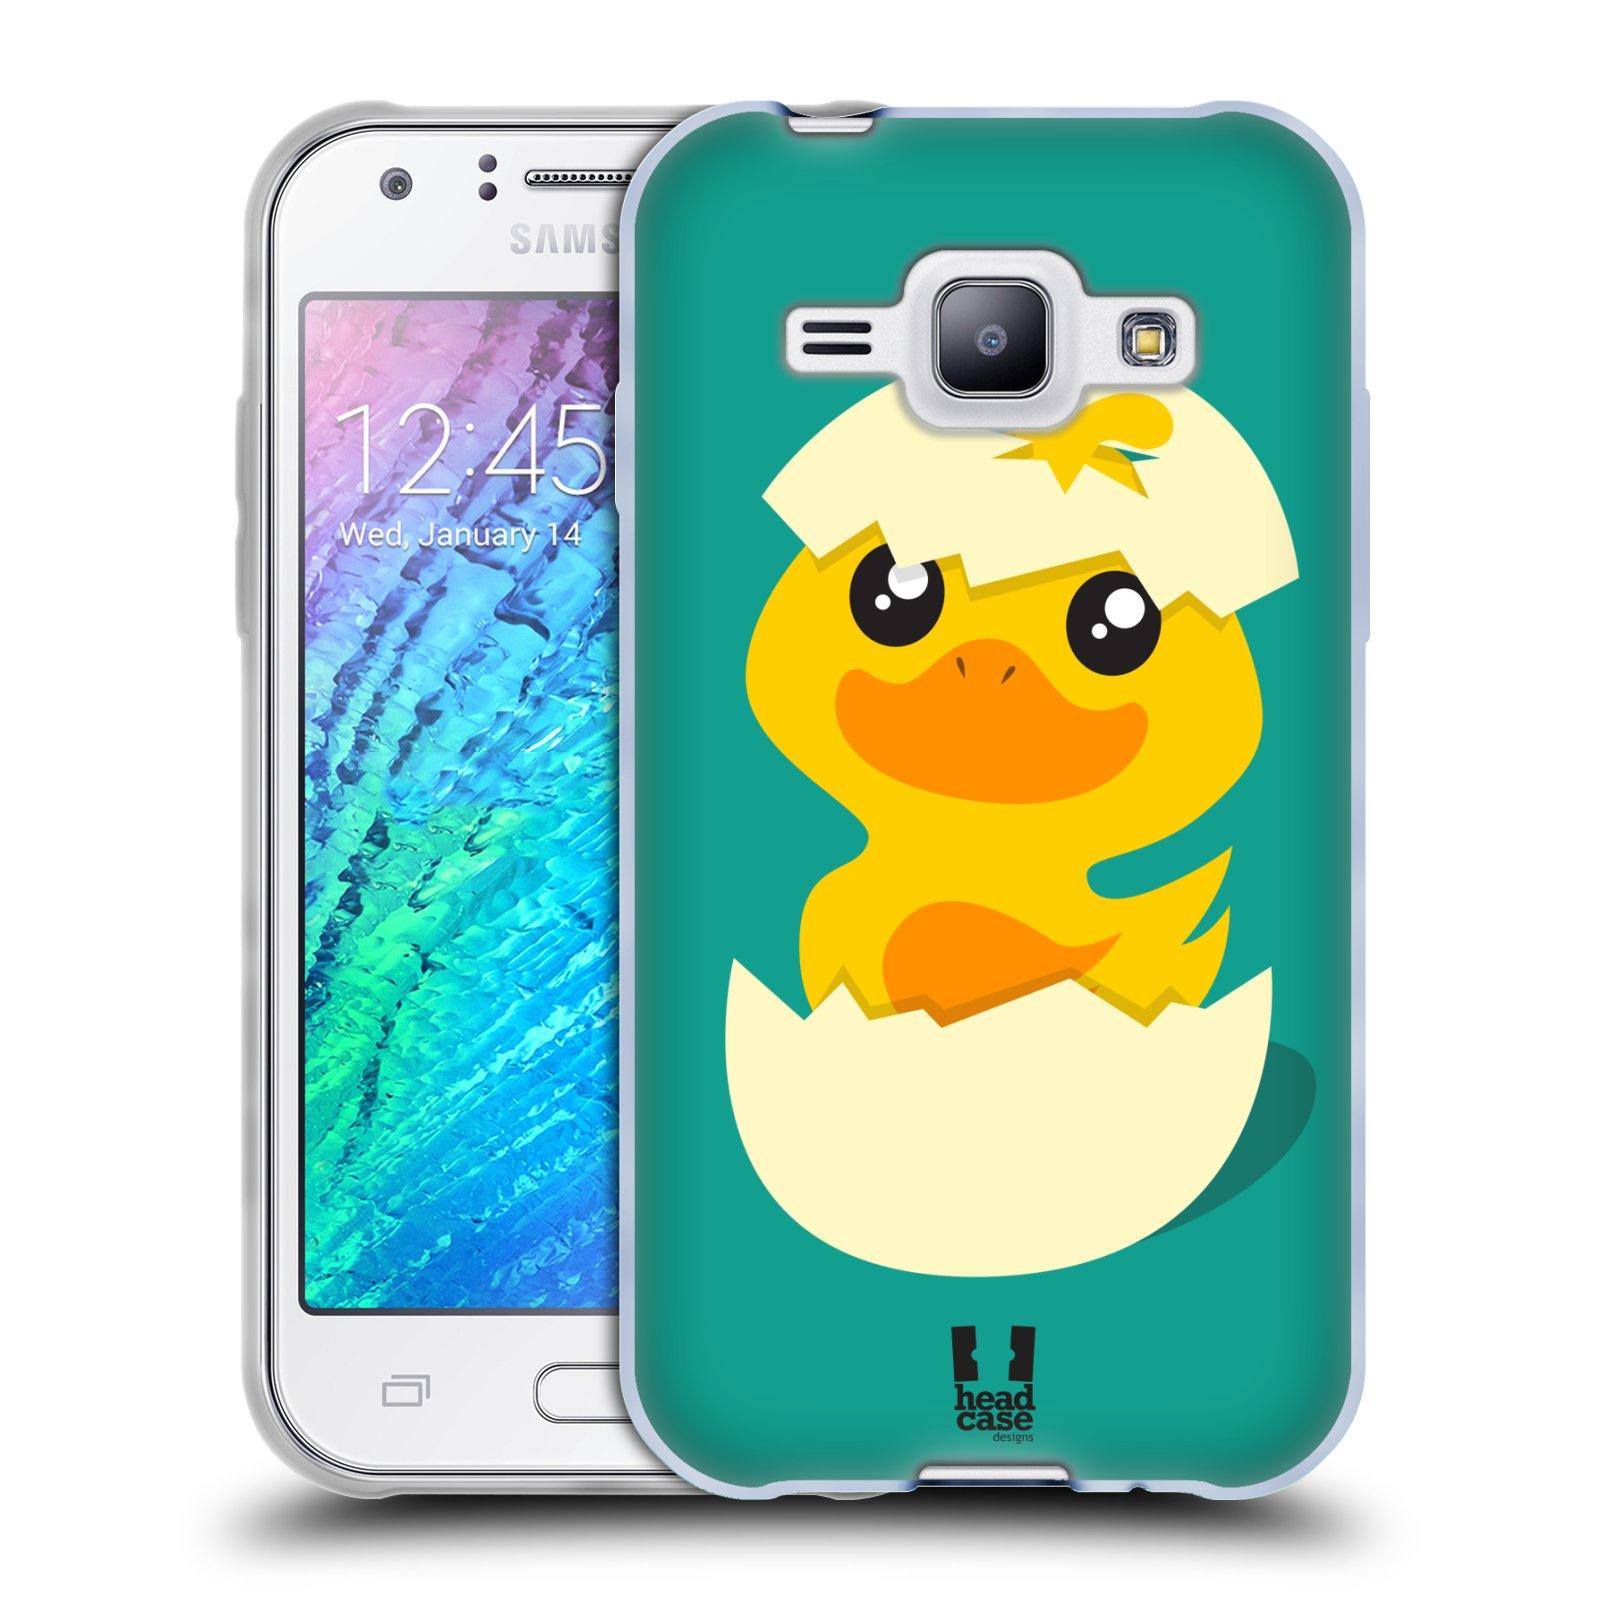 Silikonové pouzdro na mobil Samsung Galaxy J1 HEAD CASE KACHNIČKA Z VAJÍČKA (Silikonový kryt či obal na mobilní telefon Samsung Galaxy J1 a J1 Duos)